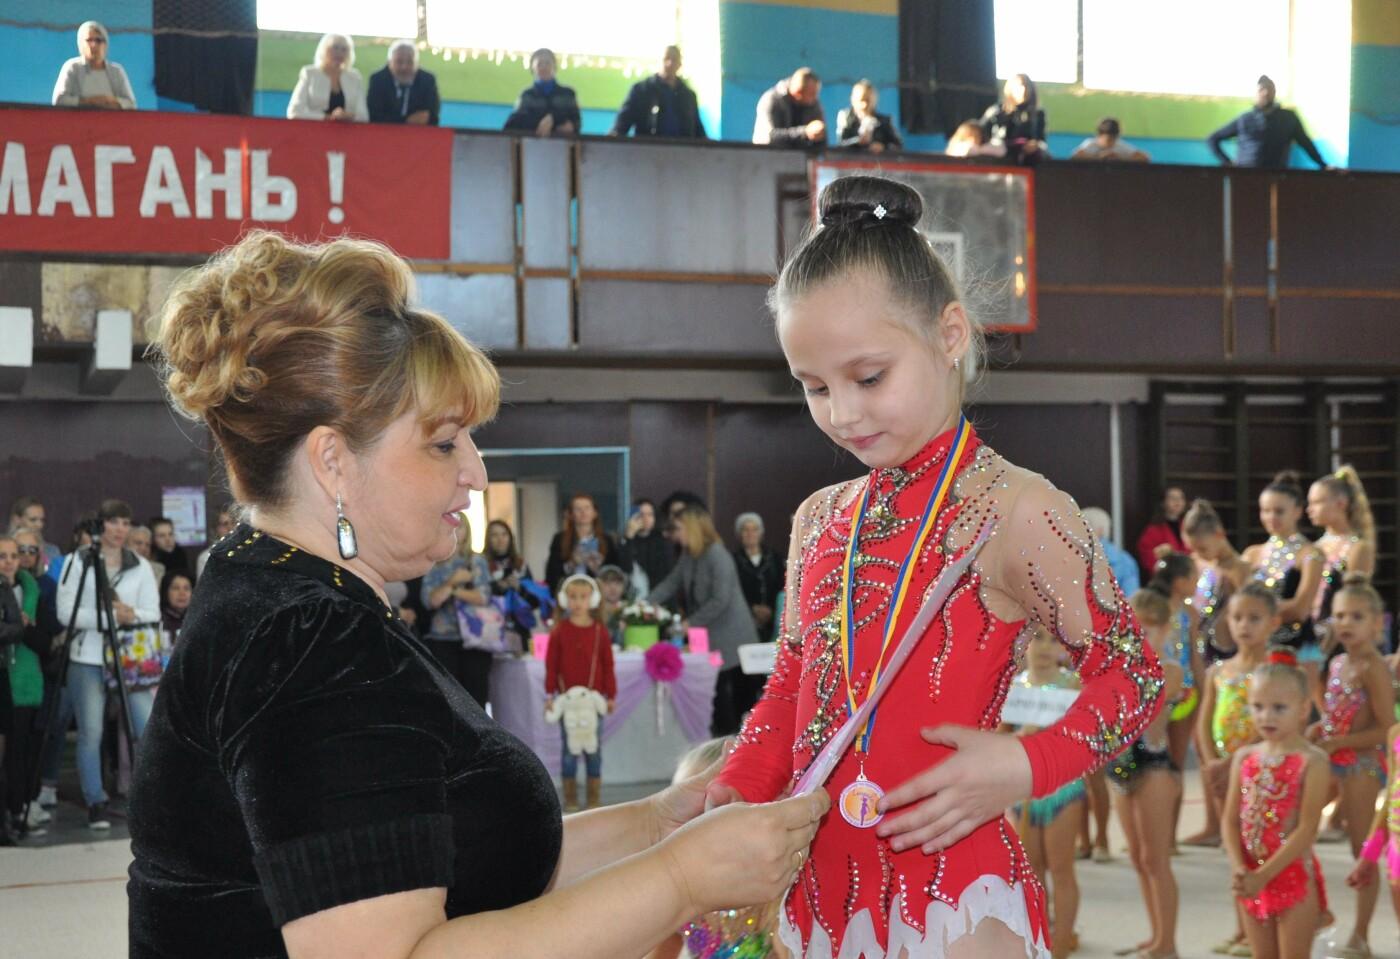 Мариупольцев приглашают на 9-й турнир по художественной гимнастике «Елизавета», фото-42